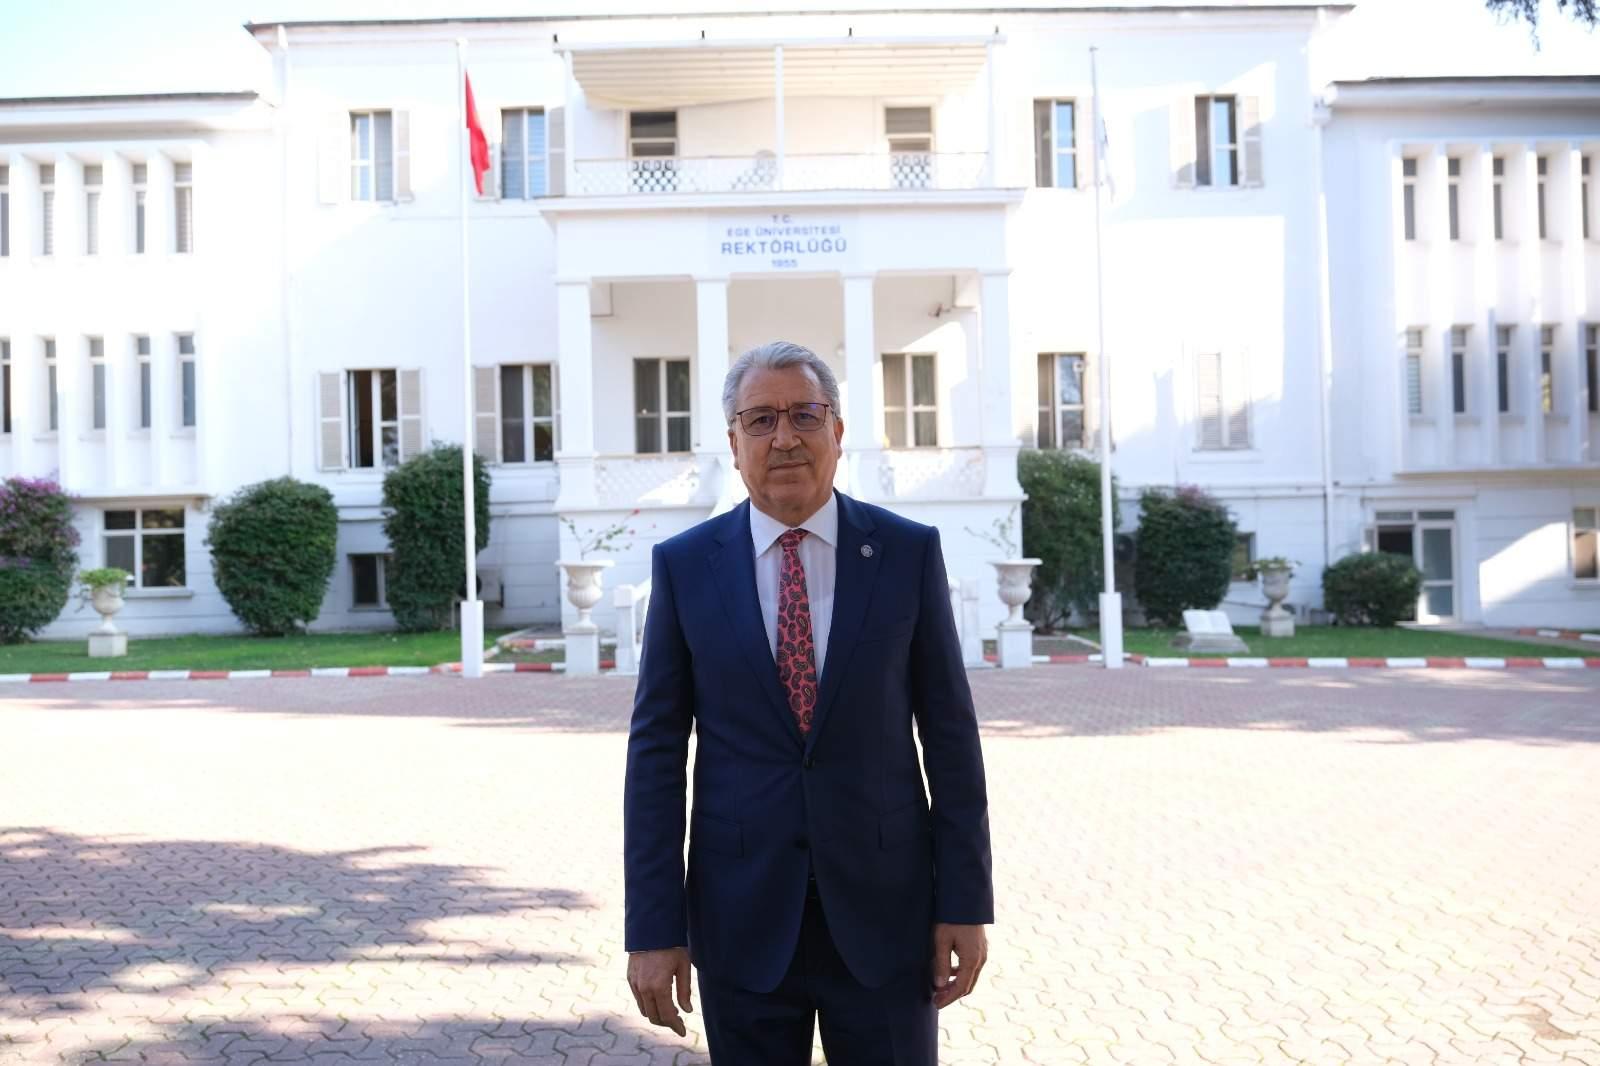 Ege Üniversitesi Hukuk Fakültesine yeniden kavuştu